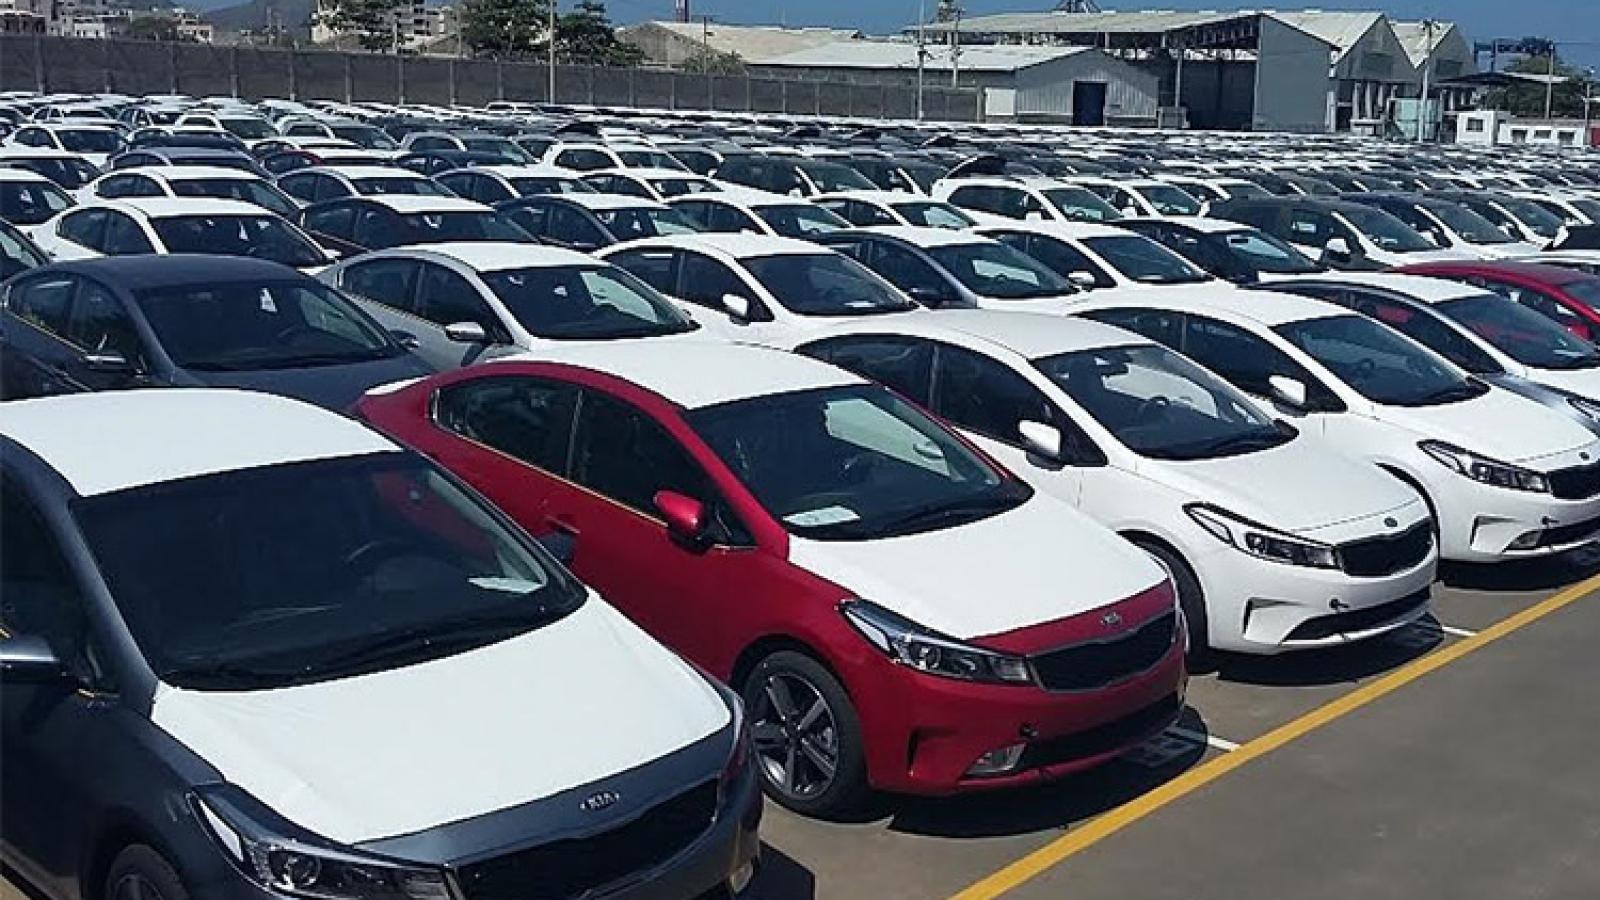 صادرات یک میلیون خودرو تا سال ۱۴۰۴ محقق می شود؟